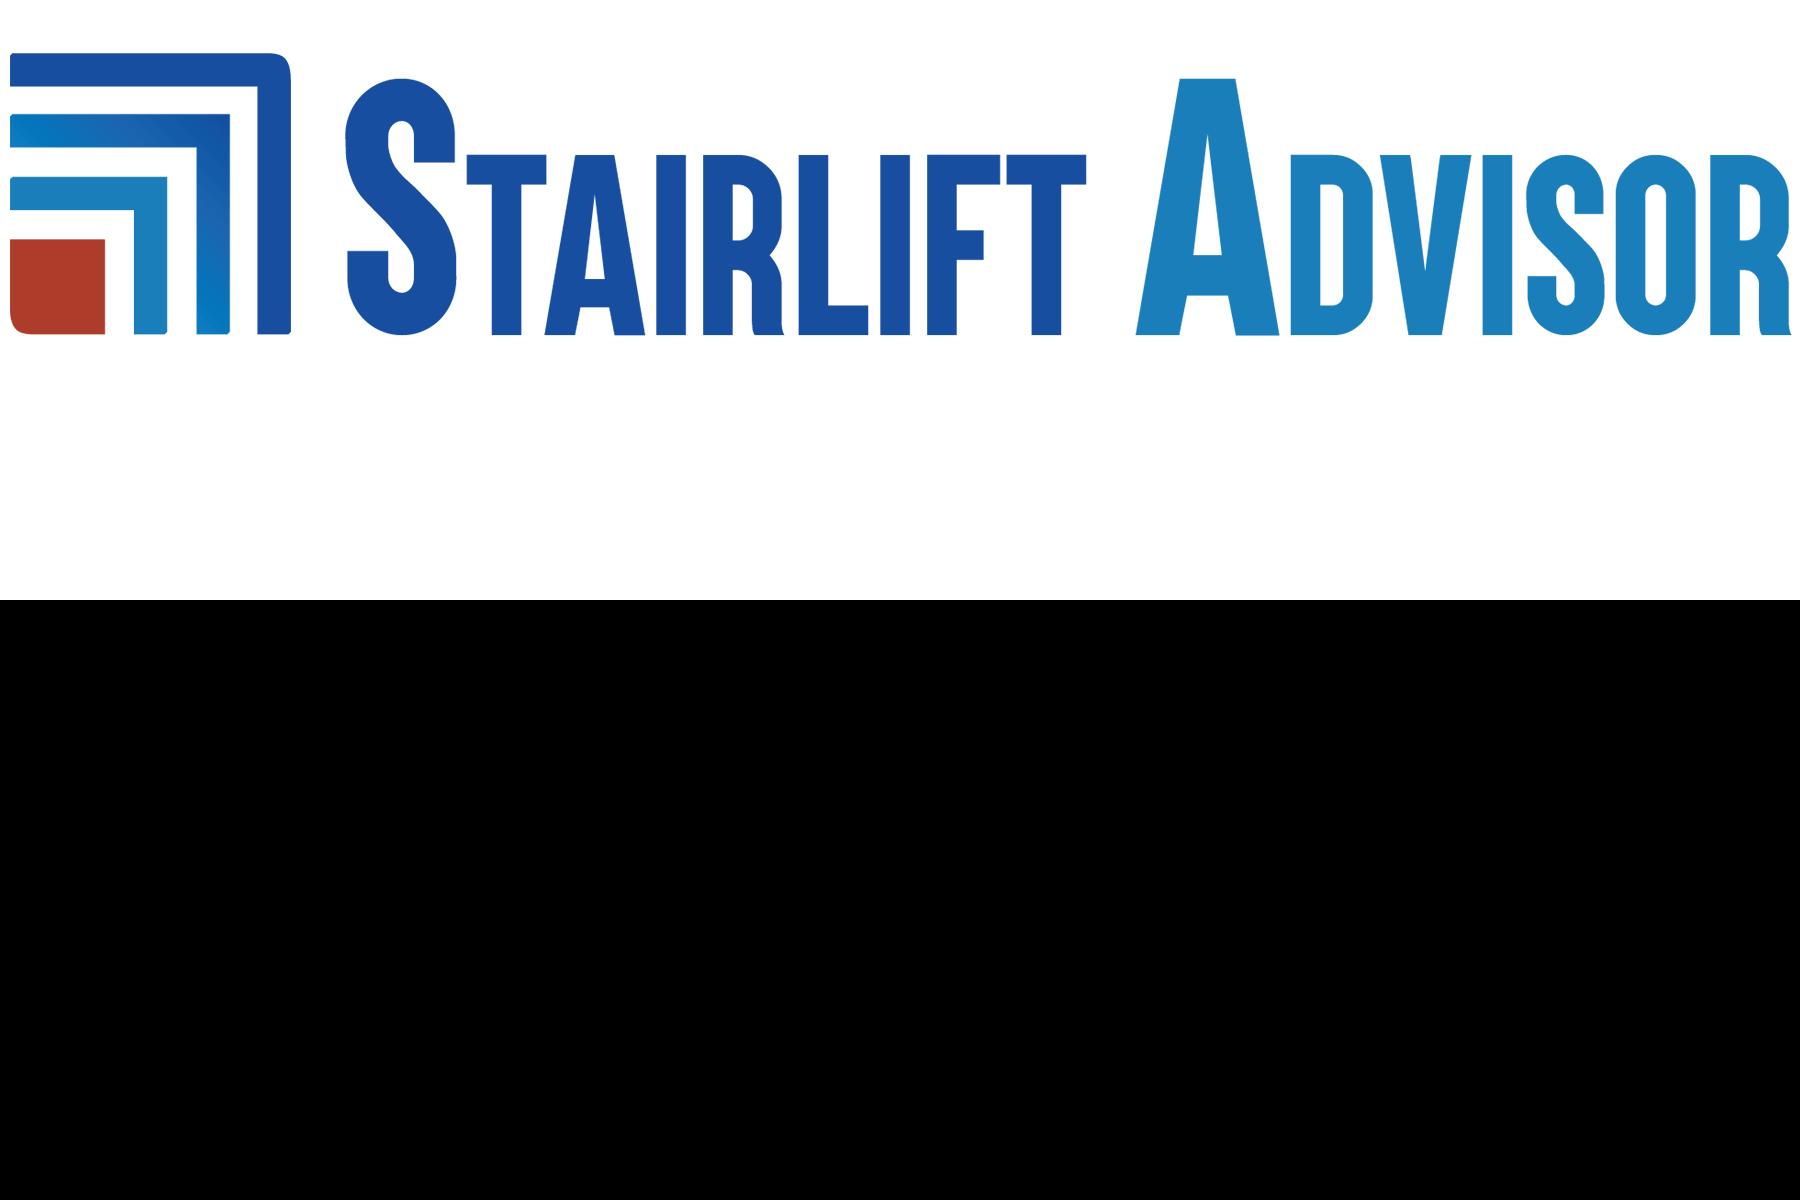 STAIRLIFT ADVISOR - LOGO DESIGNED BY FOSS MARKETING GROUP - MARKETING & ADVERTISING COMPANY - ROSEVILLE - SACRAMENTO CA